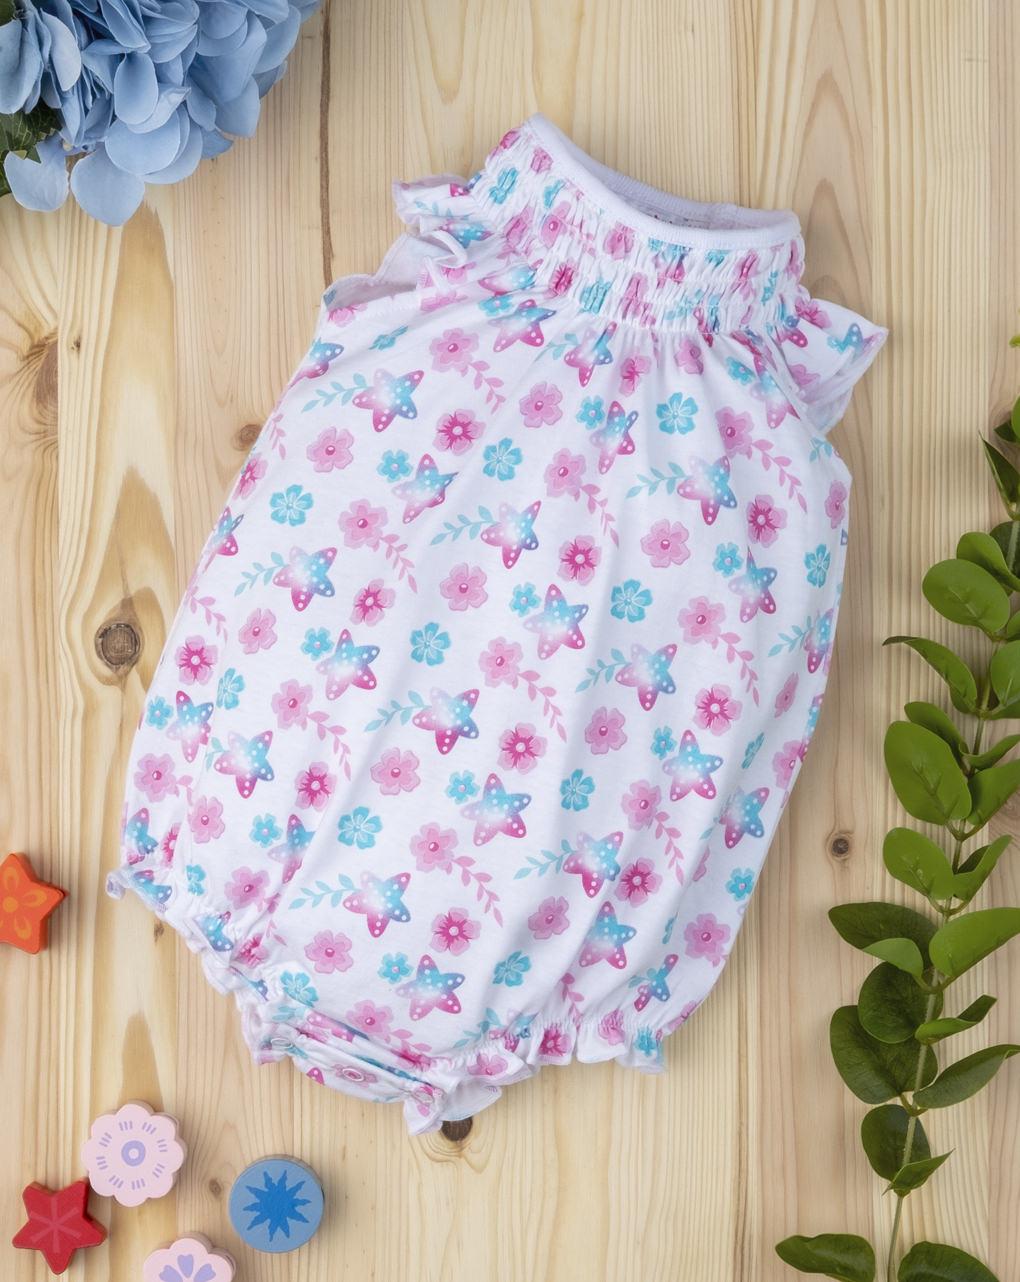 Φορμάκι Jersey με Αστέρια & Λουλούδια για Κορίτσι